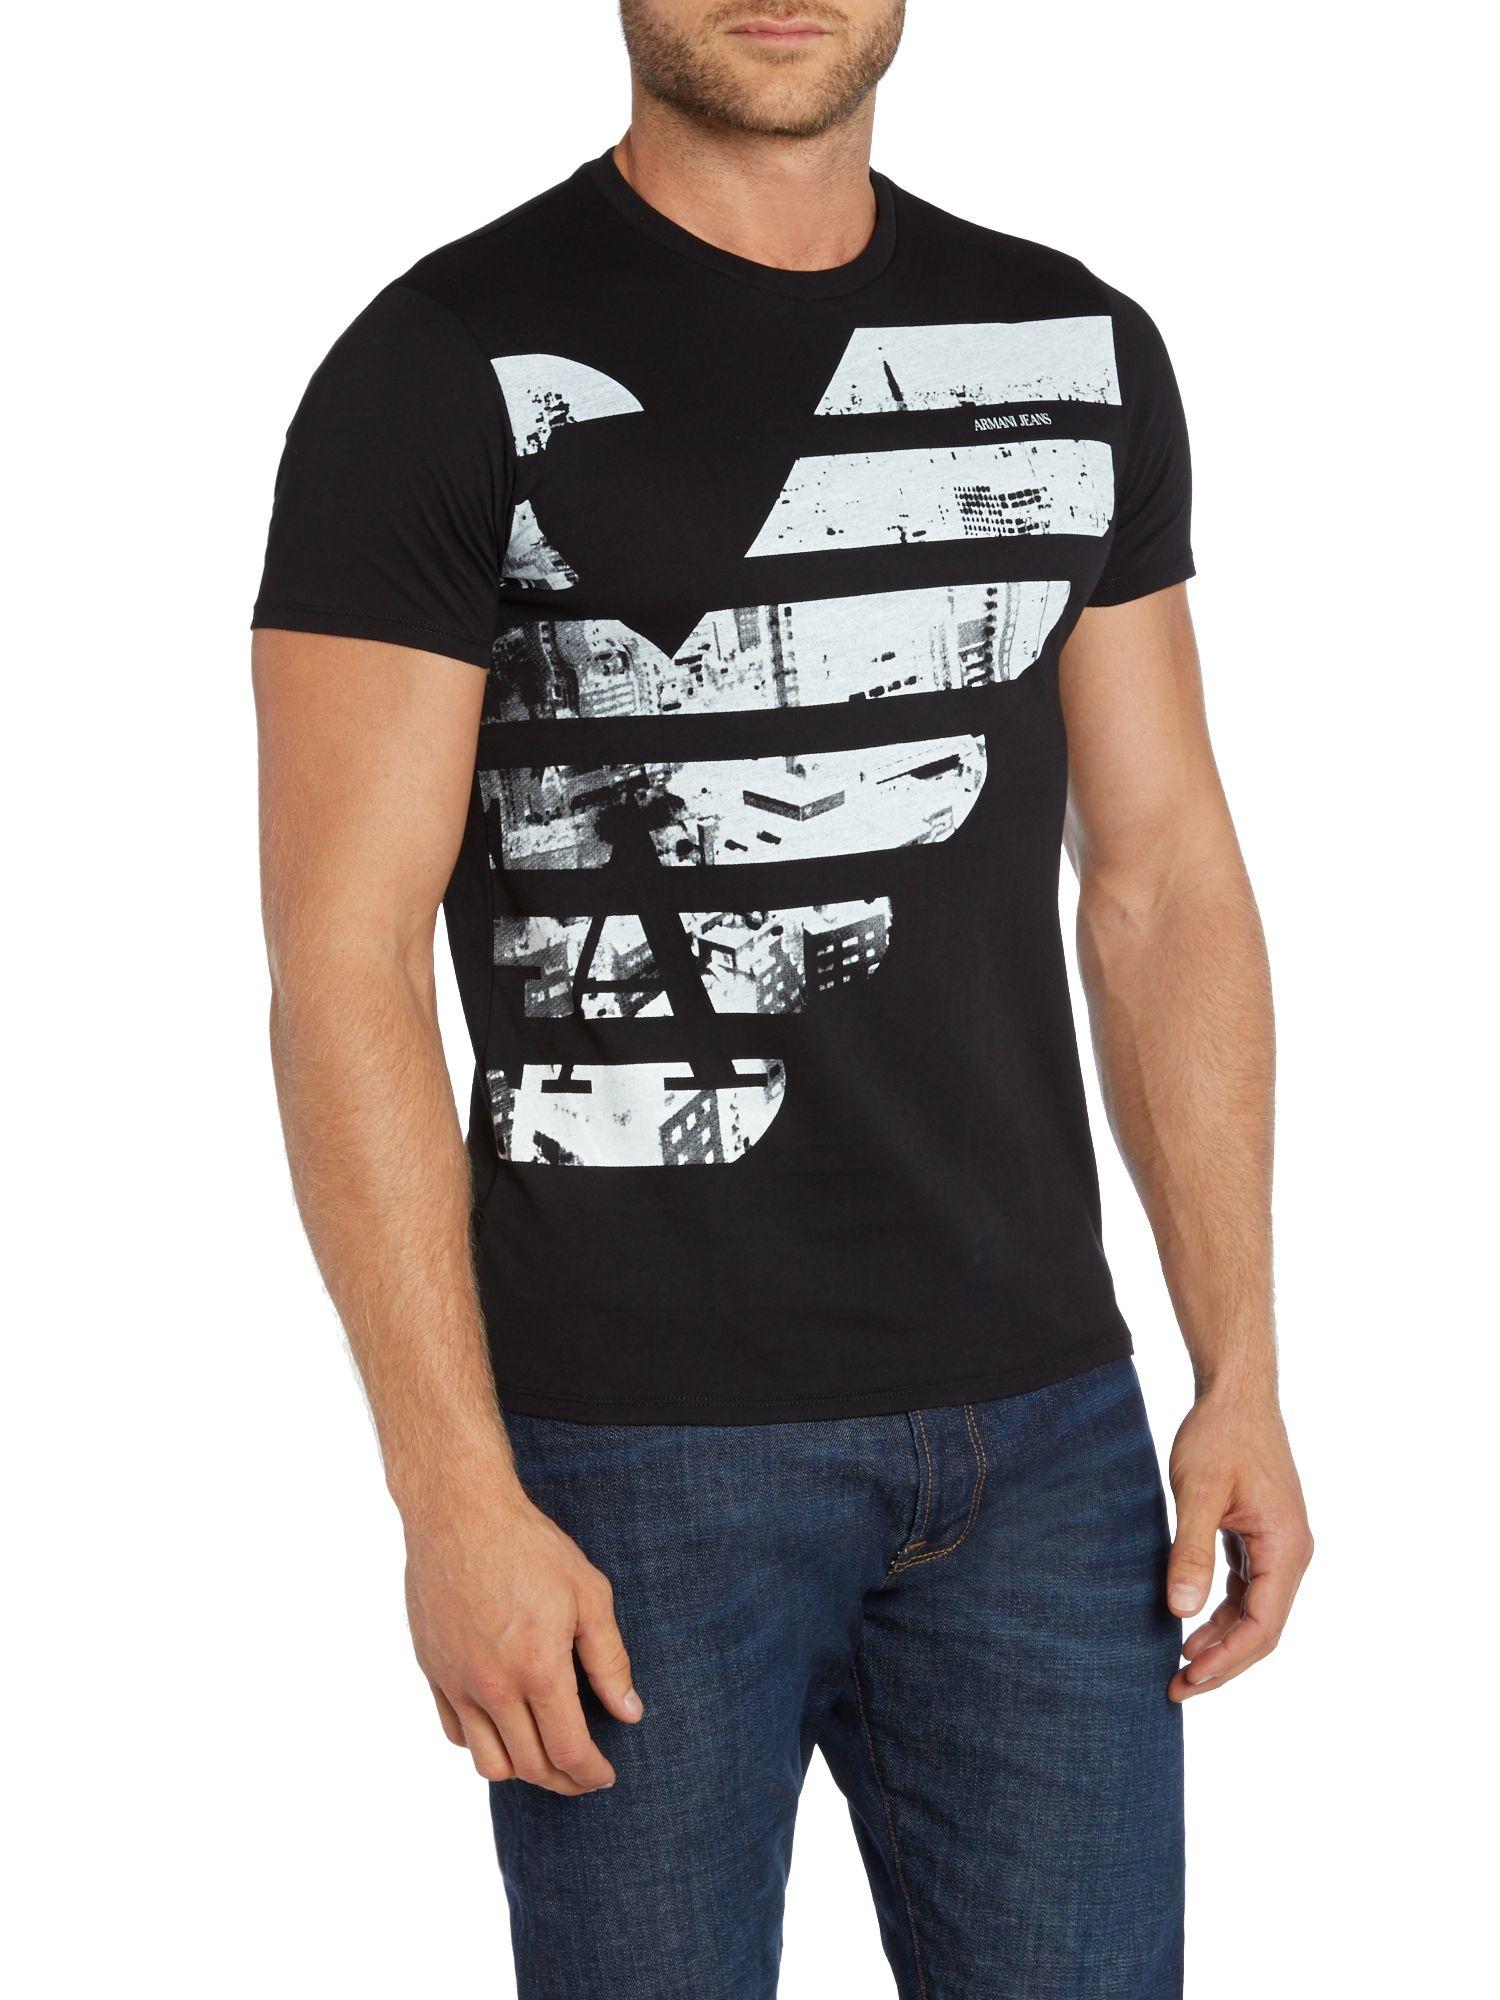 armani jeans slim fit half eagle logo printed t shirt in black for men. Black Bedroom Furniture Sets. Home Design Ideas